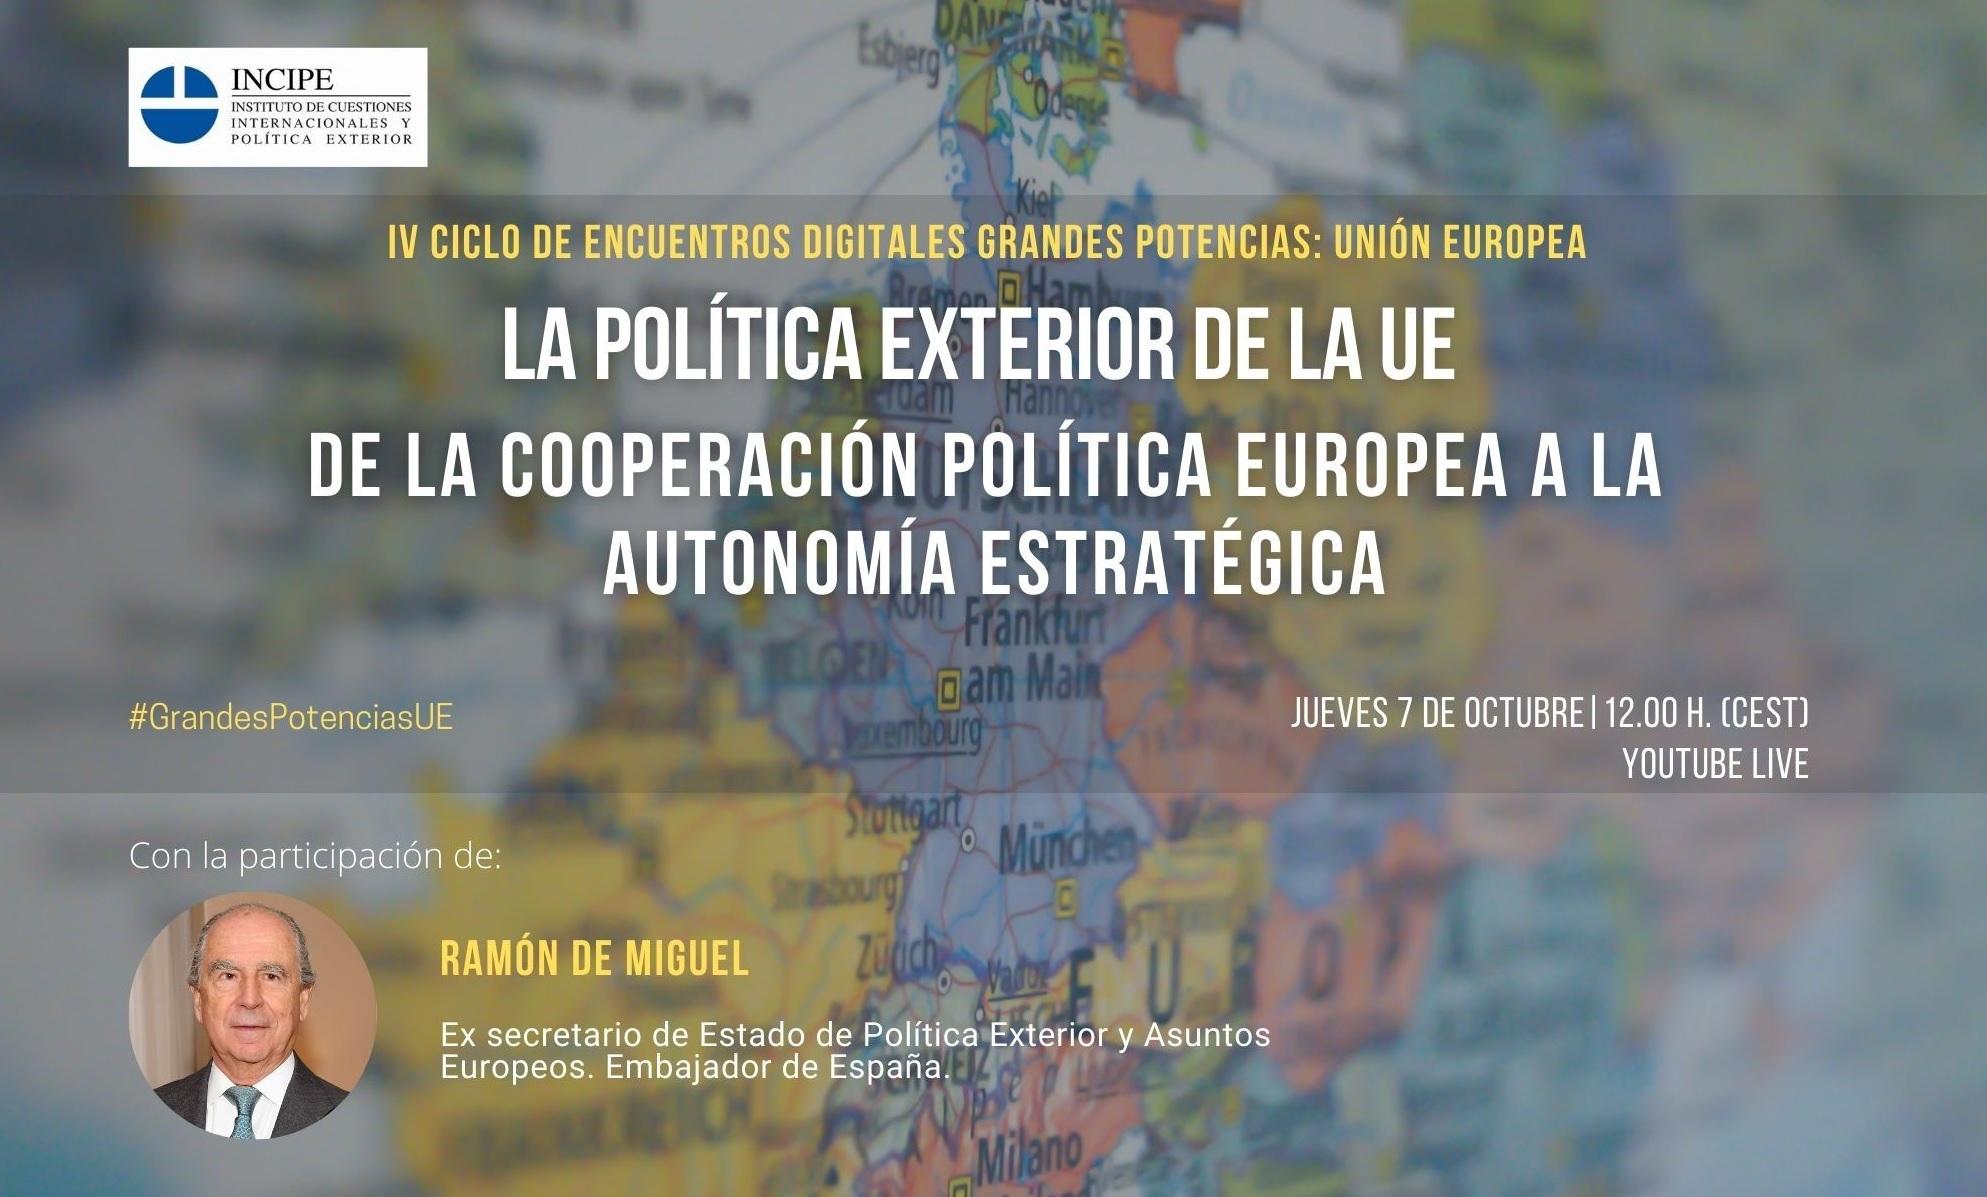 La_Política_exterior_de_la_UE.jpg